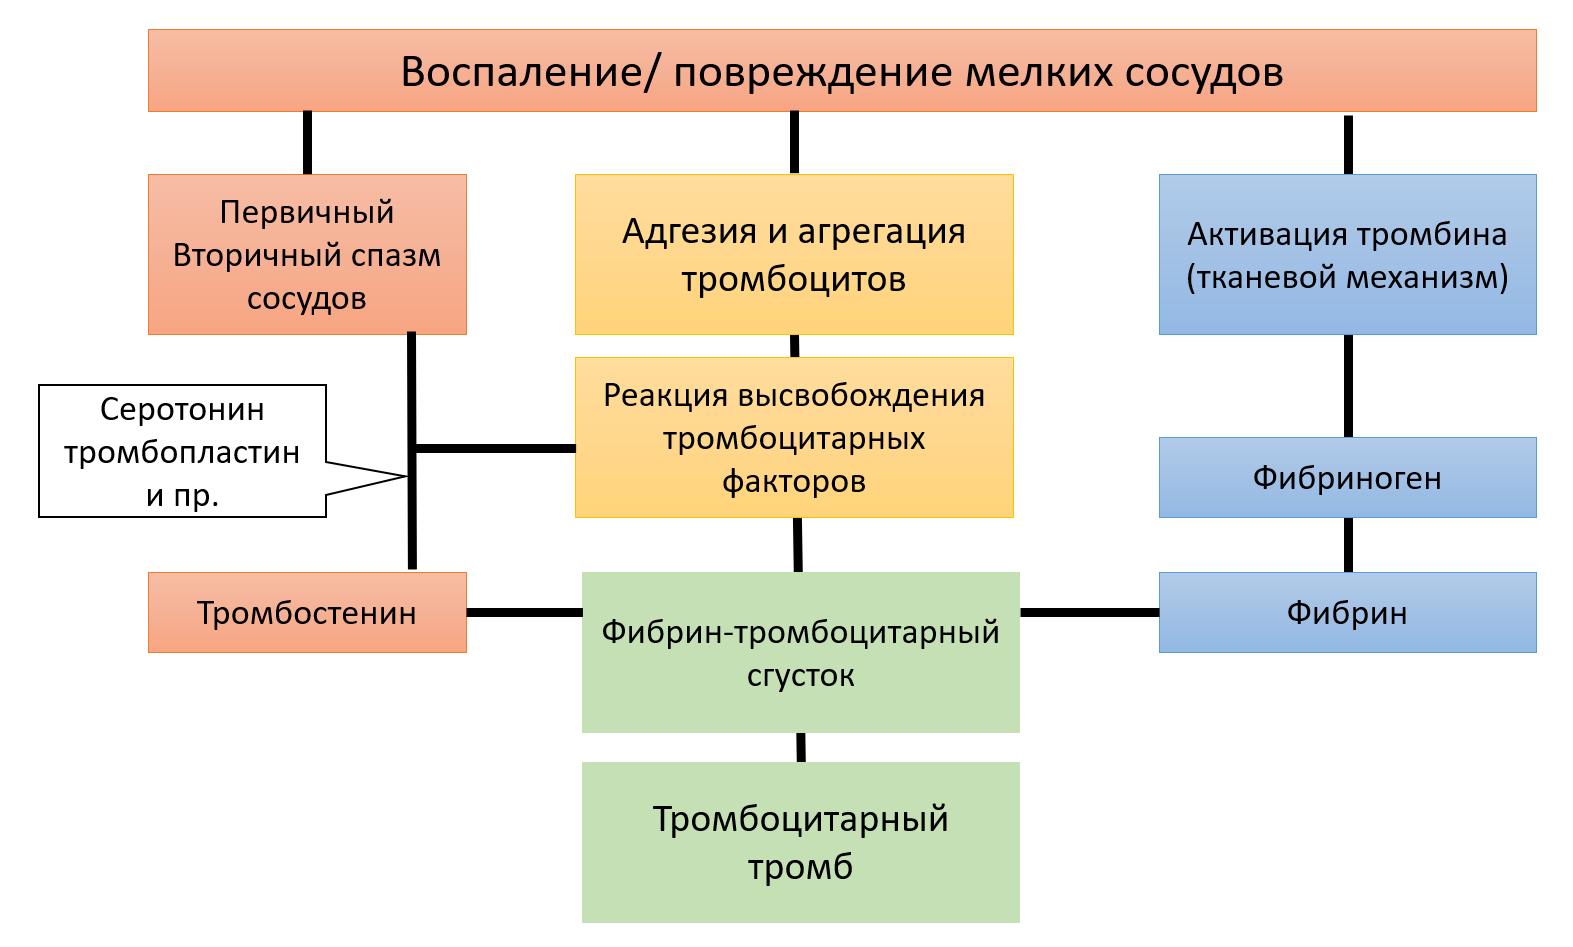 Рис. 21. Микроциркуляторный гемостаз.